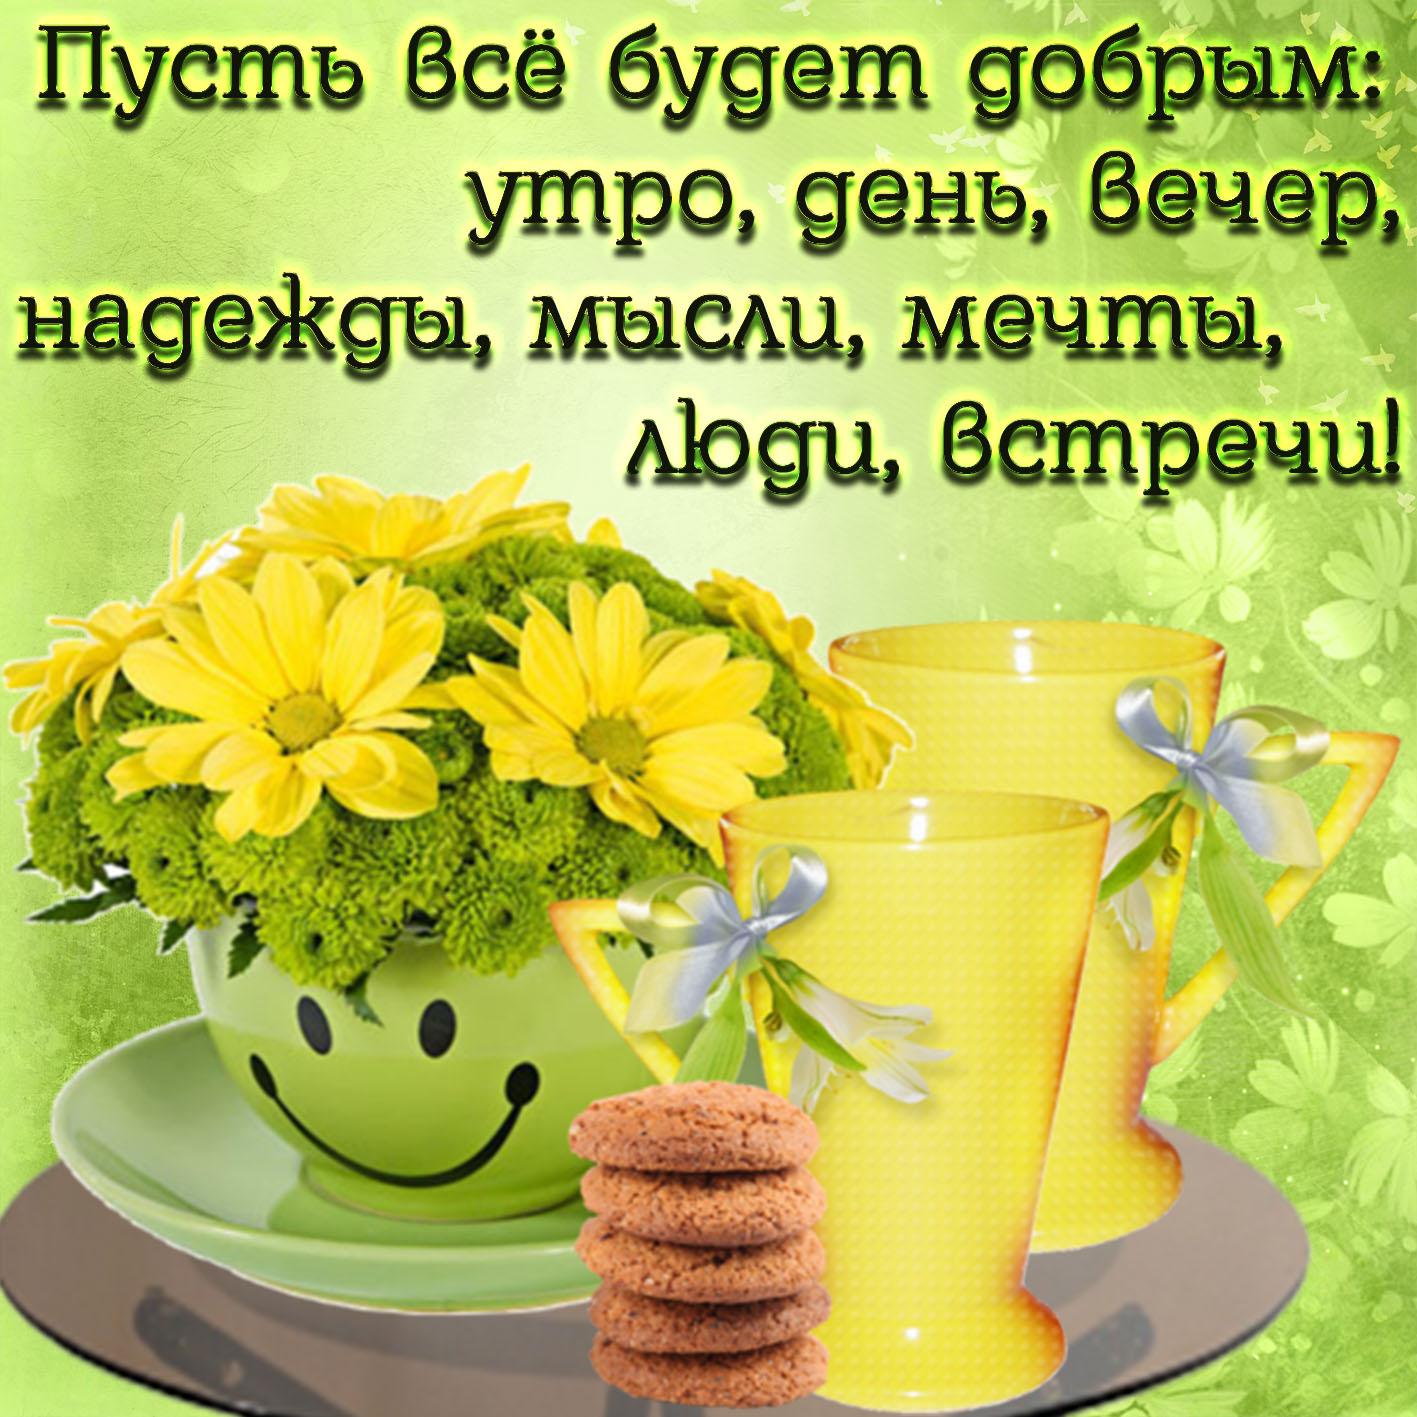 Открытка с добрым пожеланием и желтыми цветами